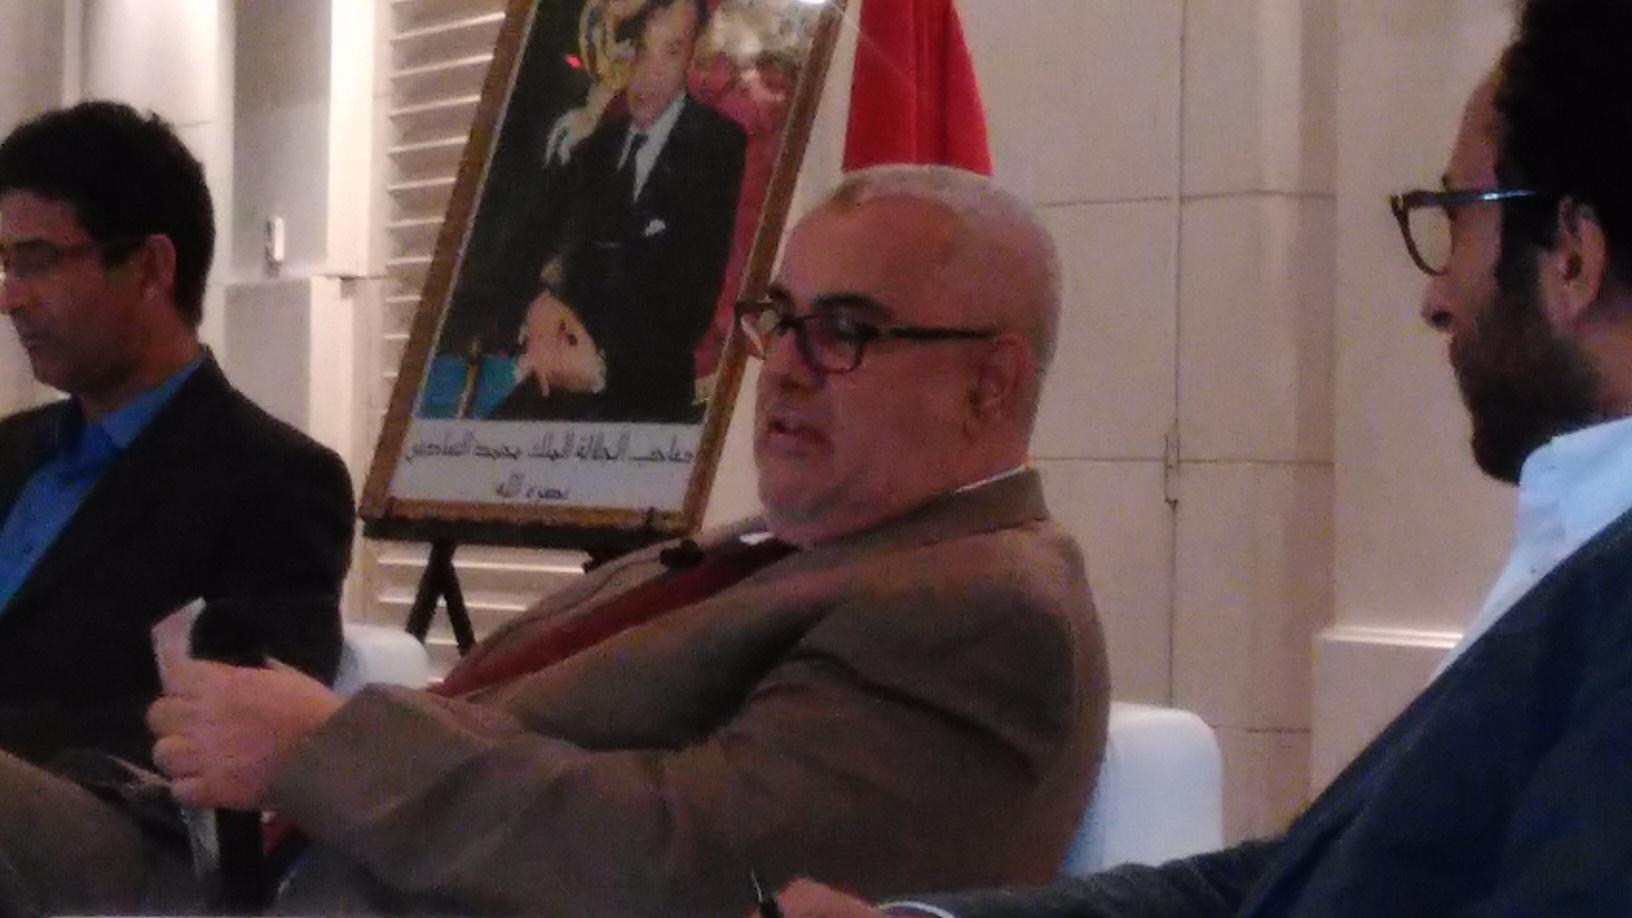 بنكيران : ان كنت رئيس الحكومة المقبلة فساواصل نفس نهج تدبير الملفات